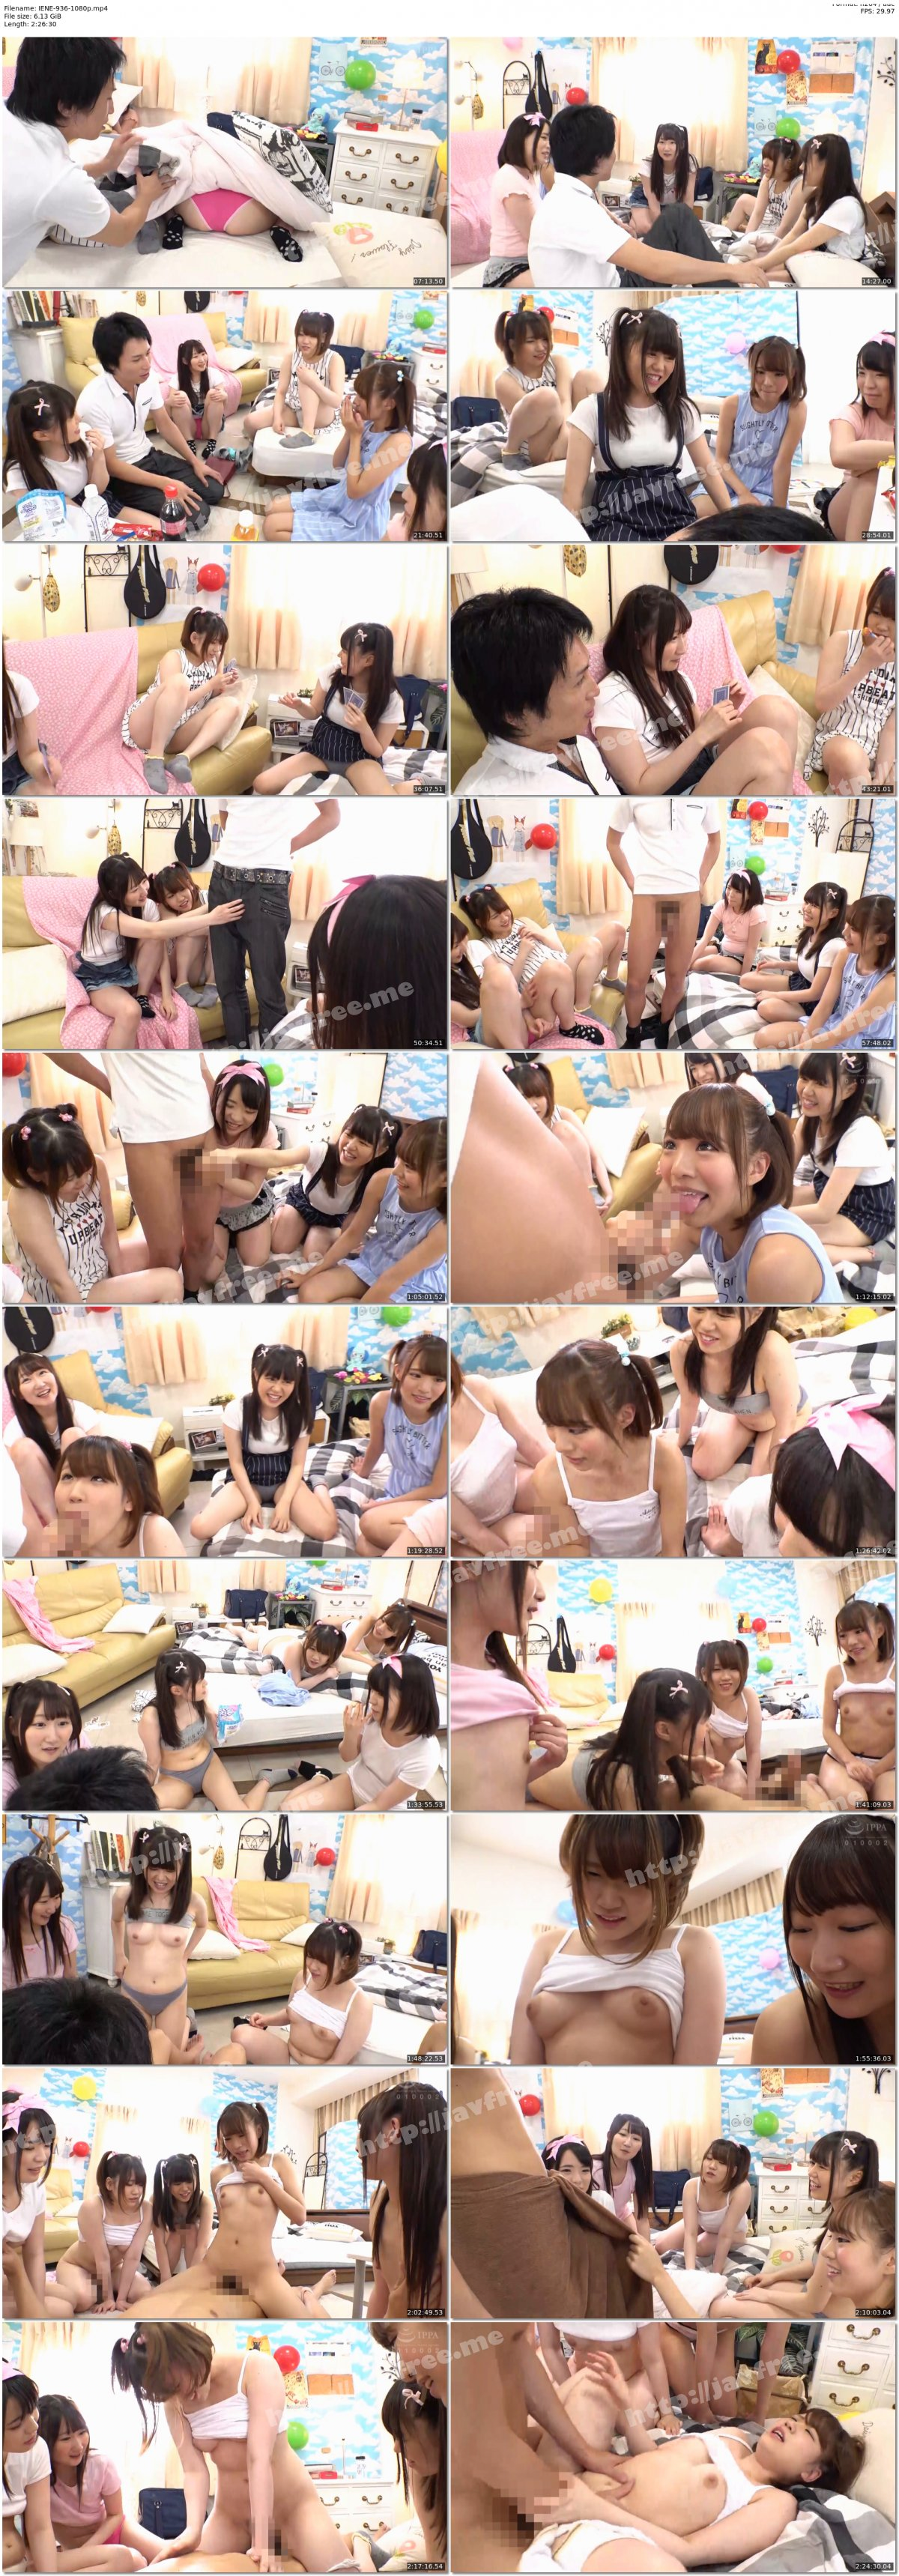 [HD][IENE-936] 職場の仲良しグループを一網打尽!家に連れて来ちゃった美少女たちをイタズラ三昧 - image IENE-936-1080p on https://javfree.me